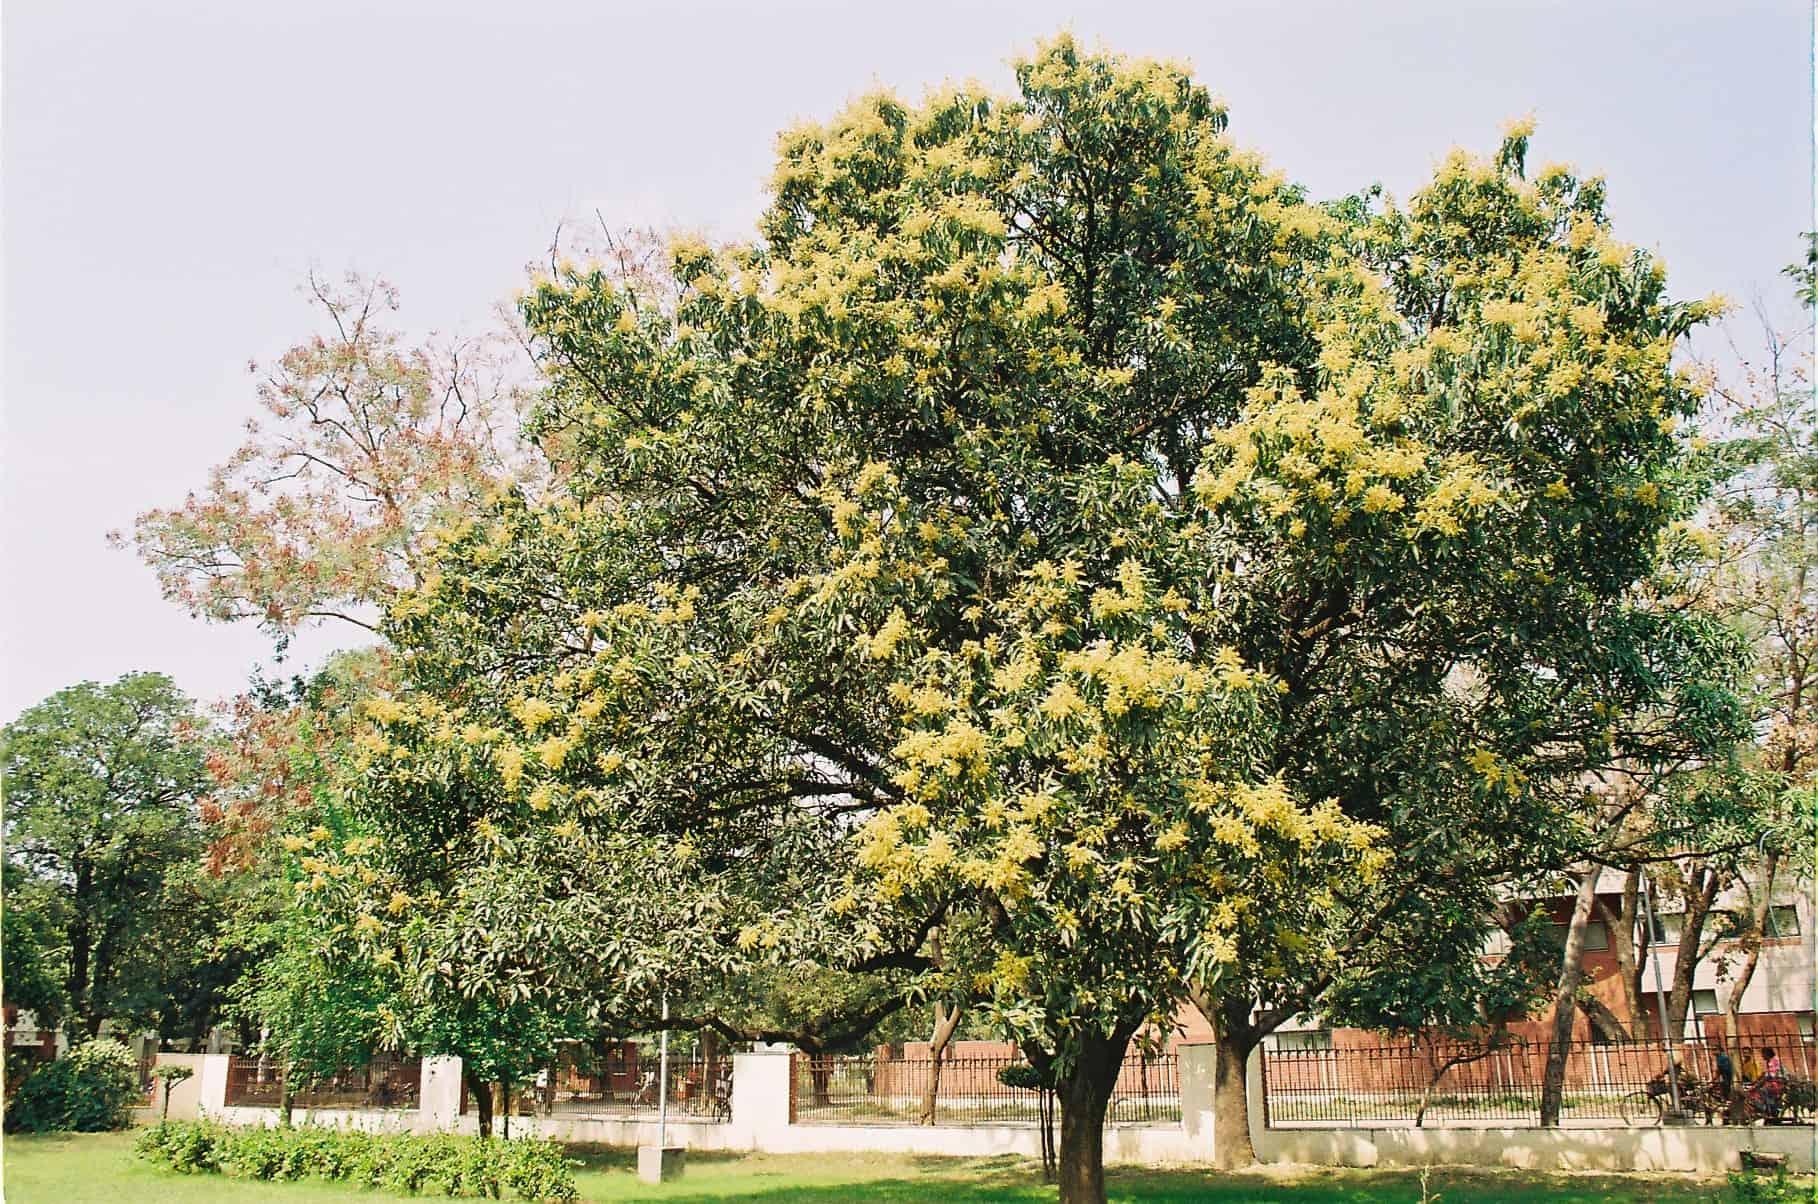 Mangohout komt van een Mangoboom. Deze bomen kunnen maar liefst 40 meter hoog worden en hebben een dikke stam van 3 tot 5 meter omtrek.